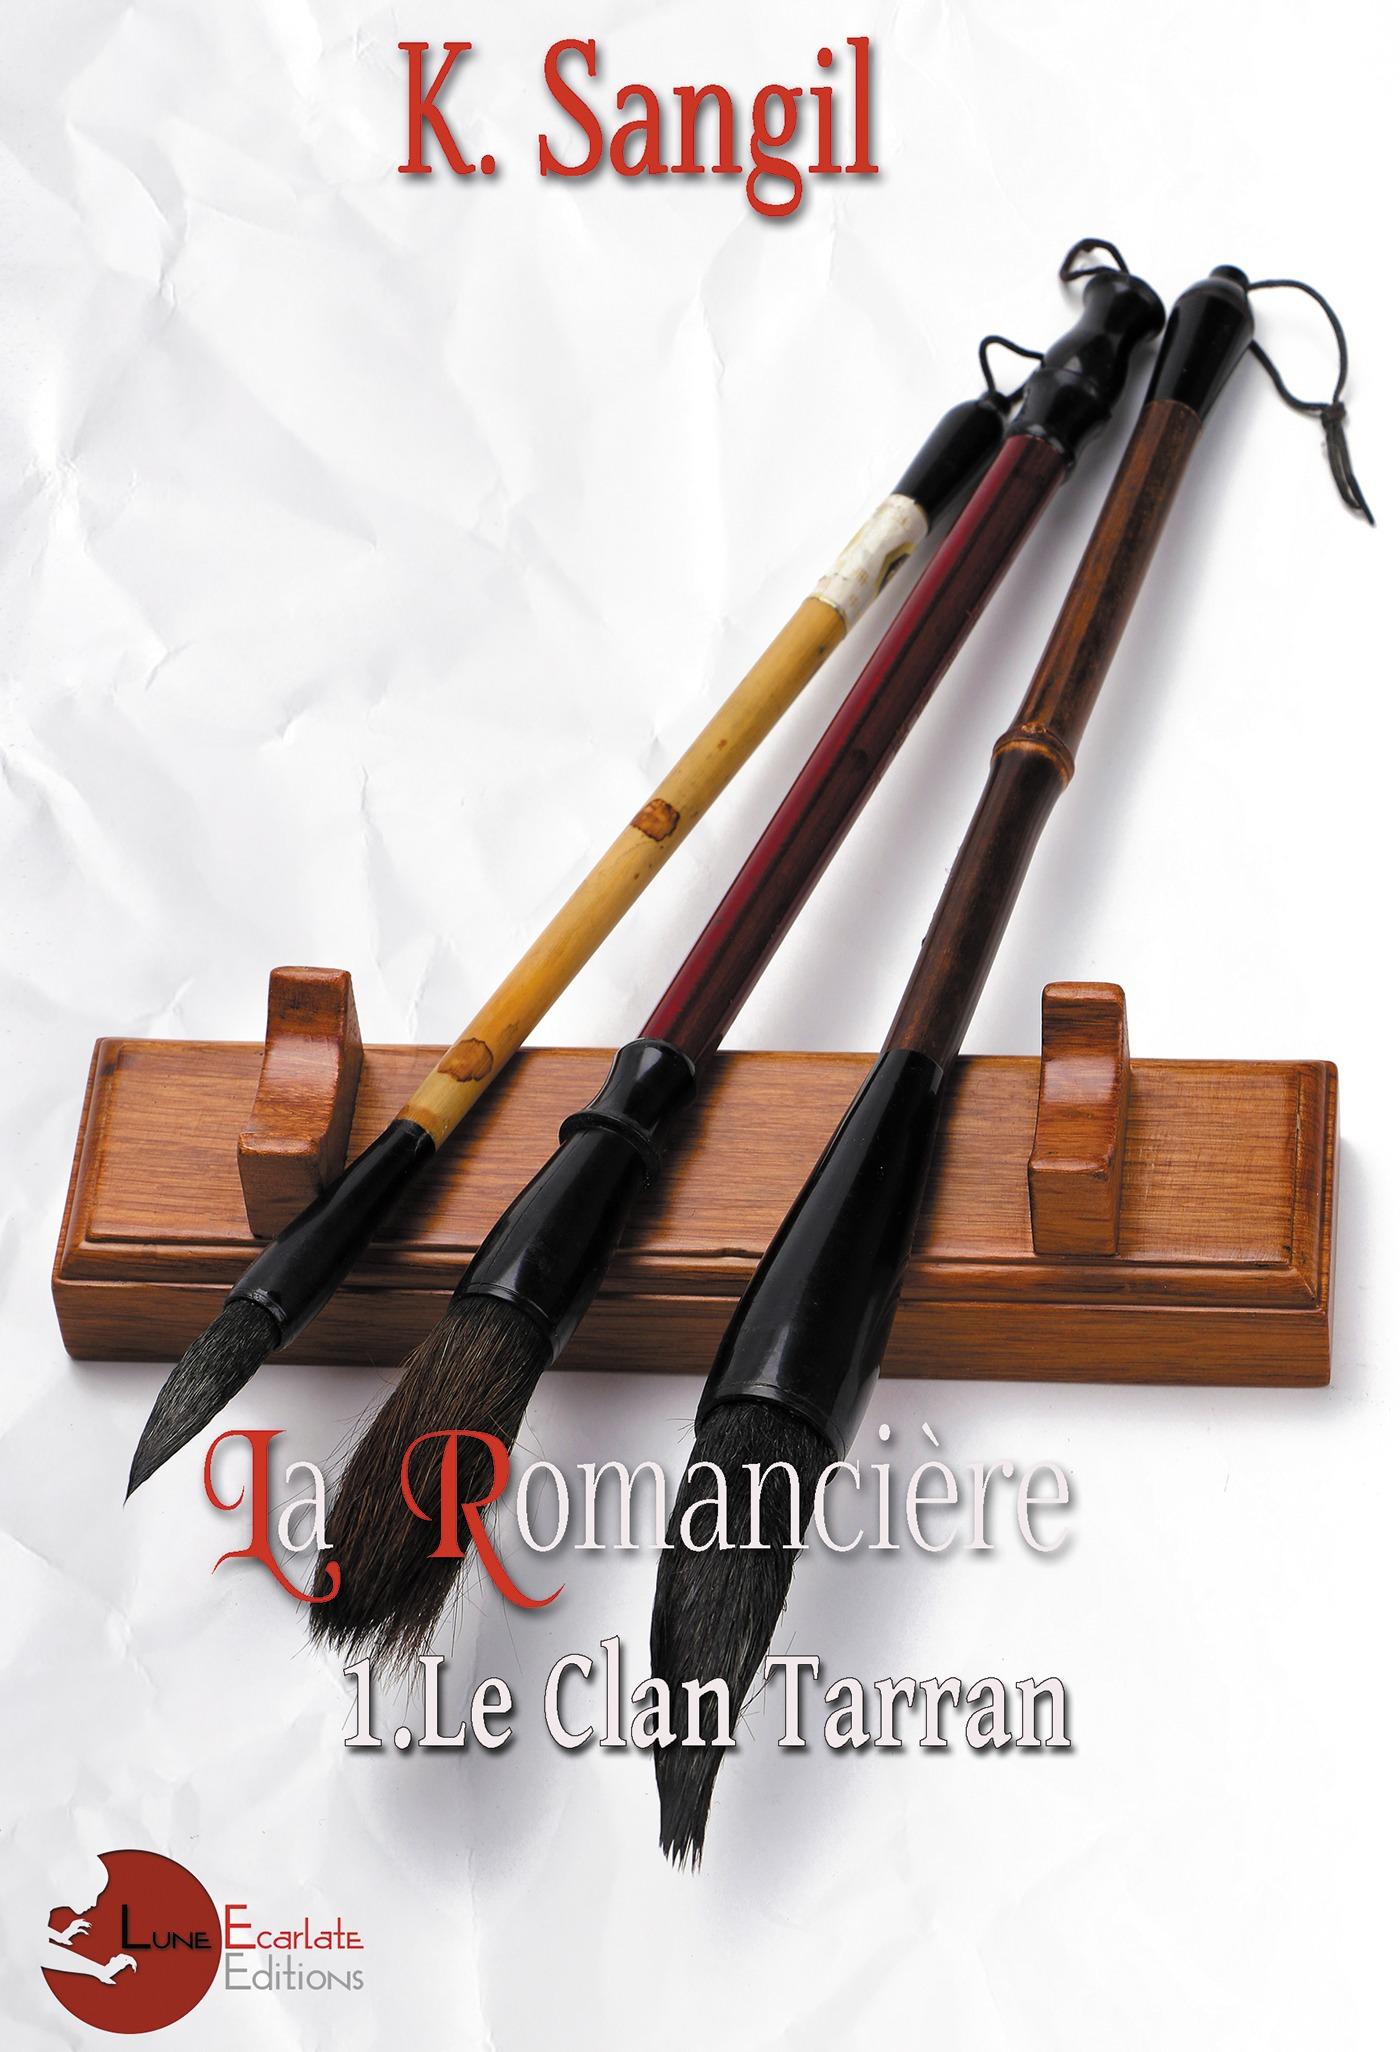 La romanciere - 1. le clan tarran